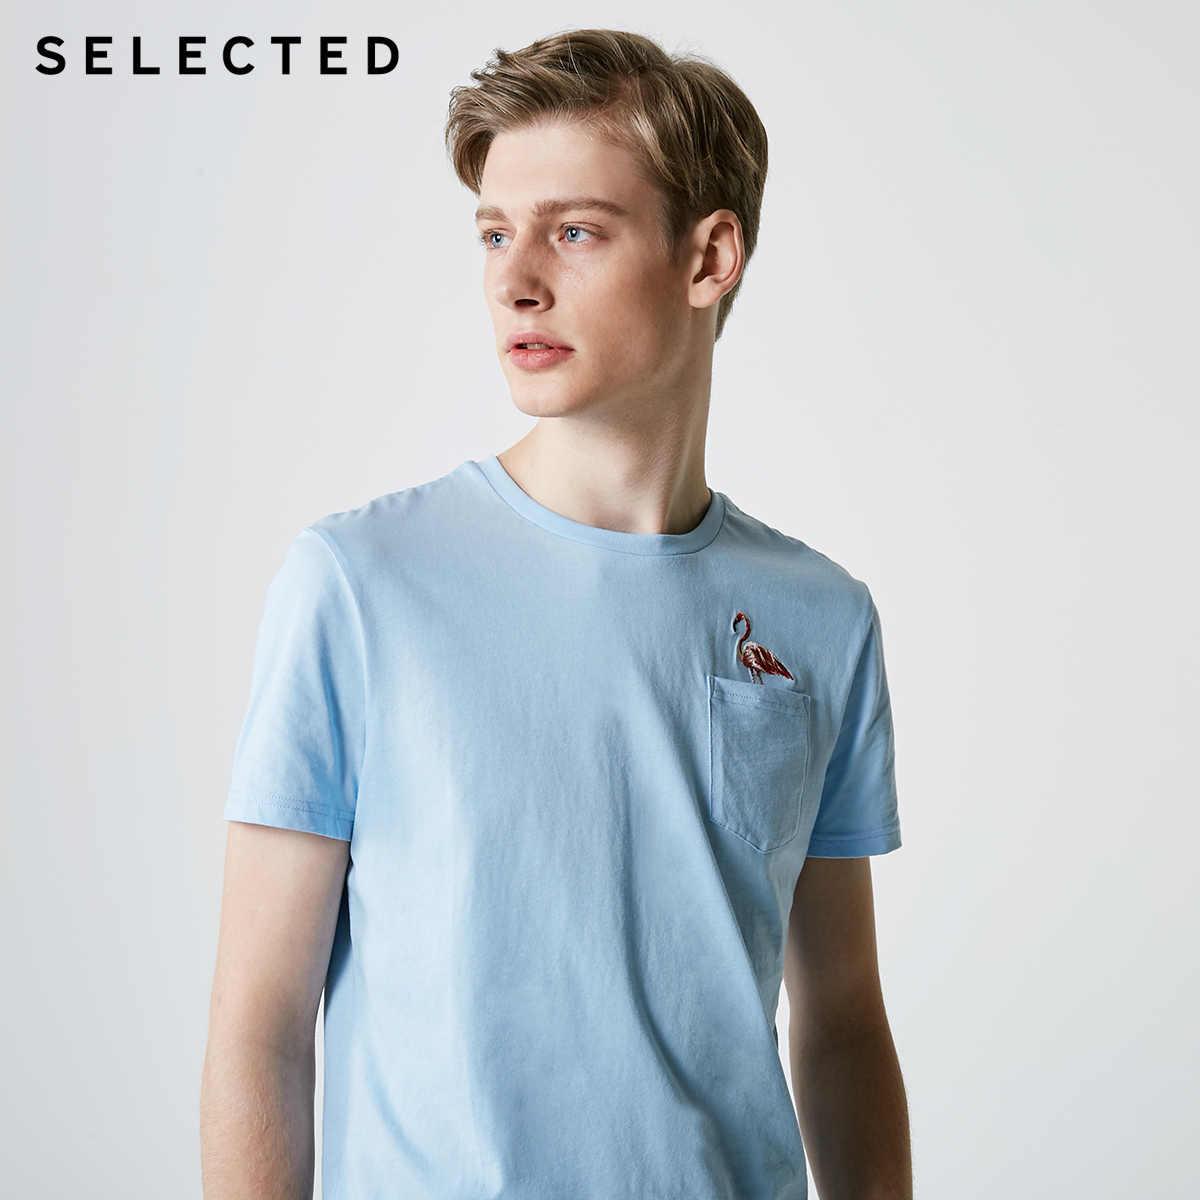 Мужская футболка с короткими рукавами и вышивкой Фламинго из 100% хлопка с круглым вырезом S | 419201606